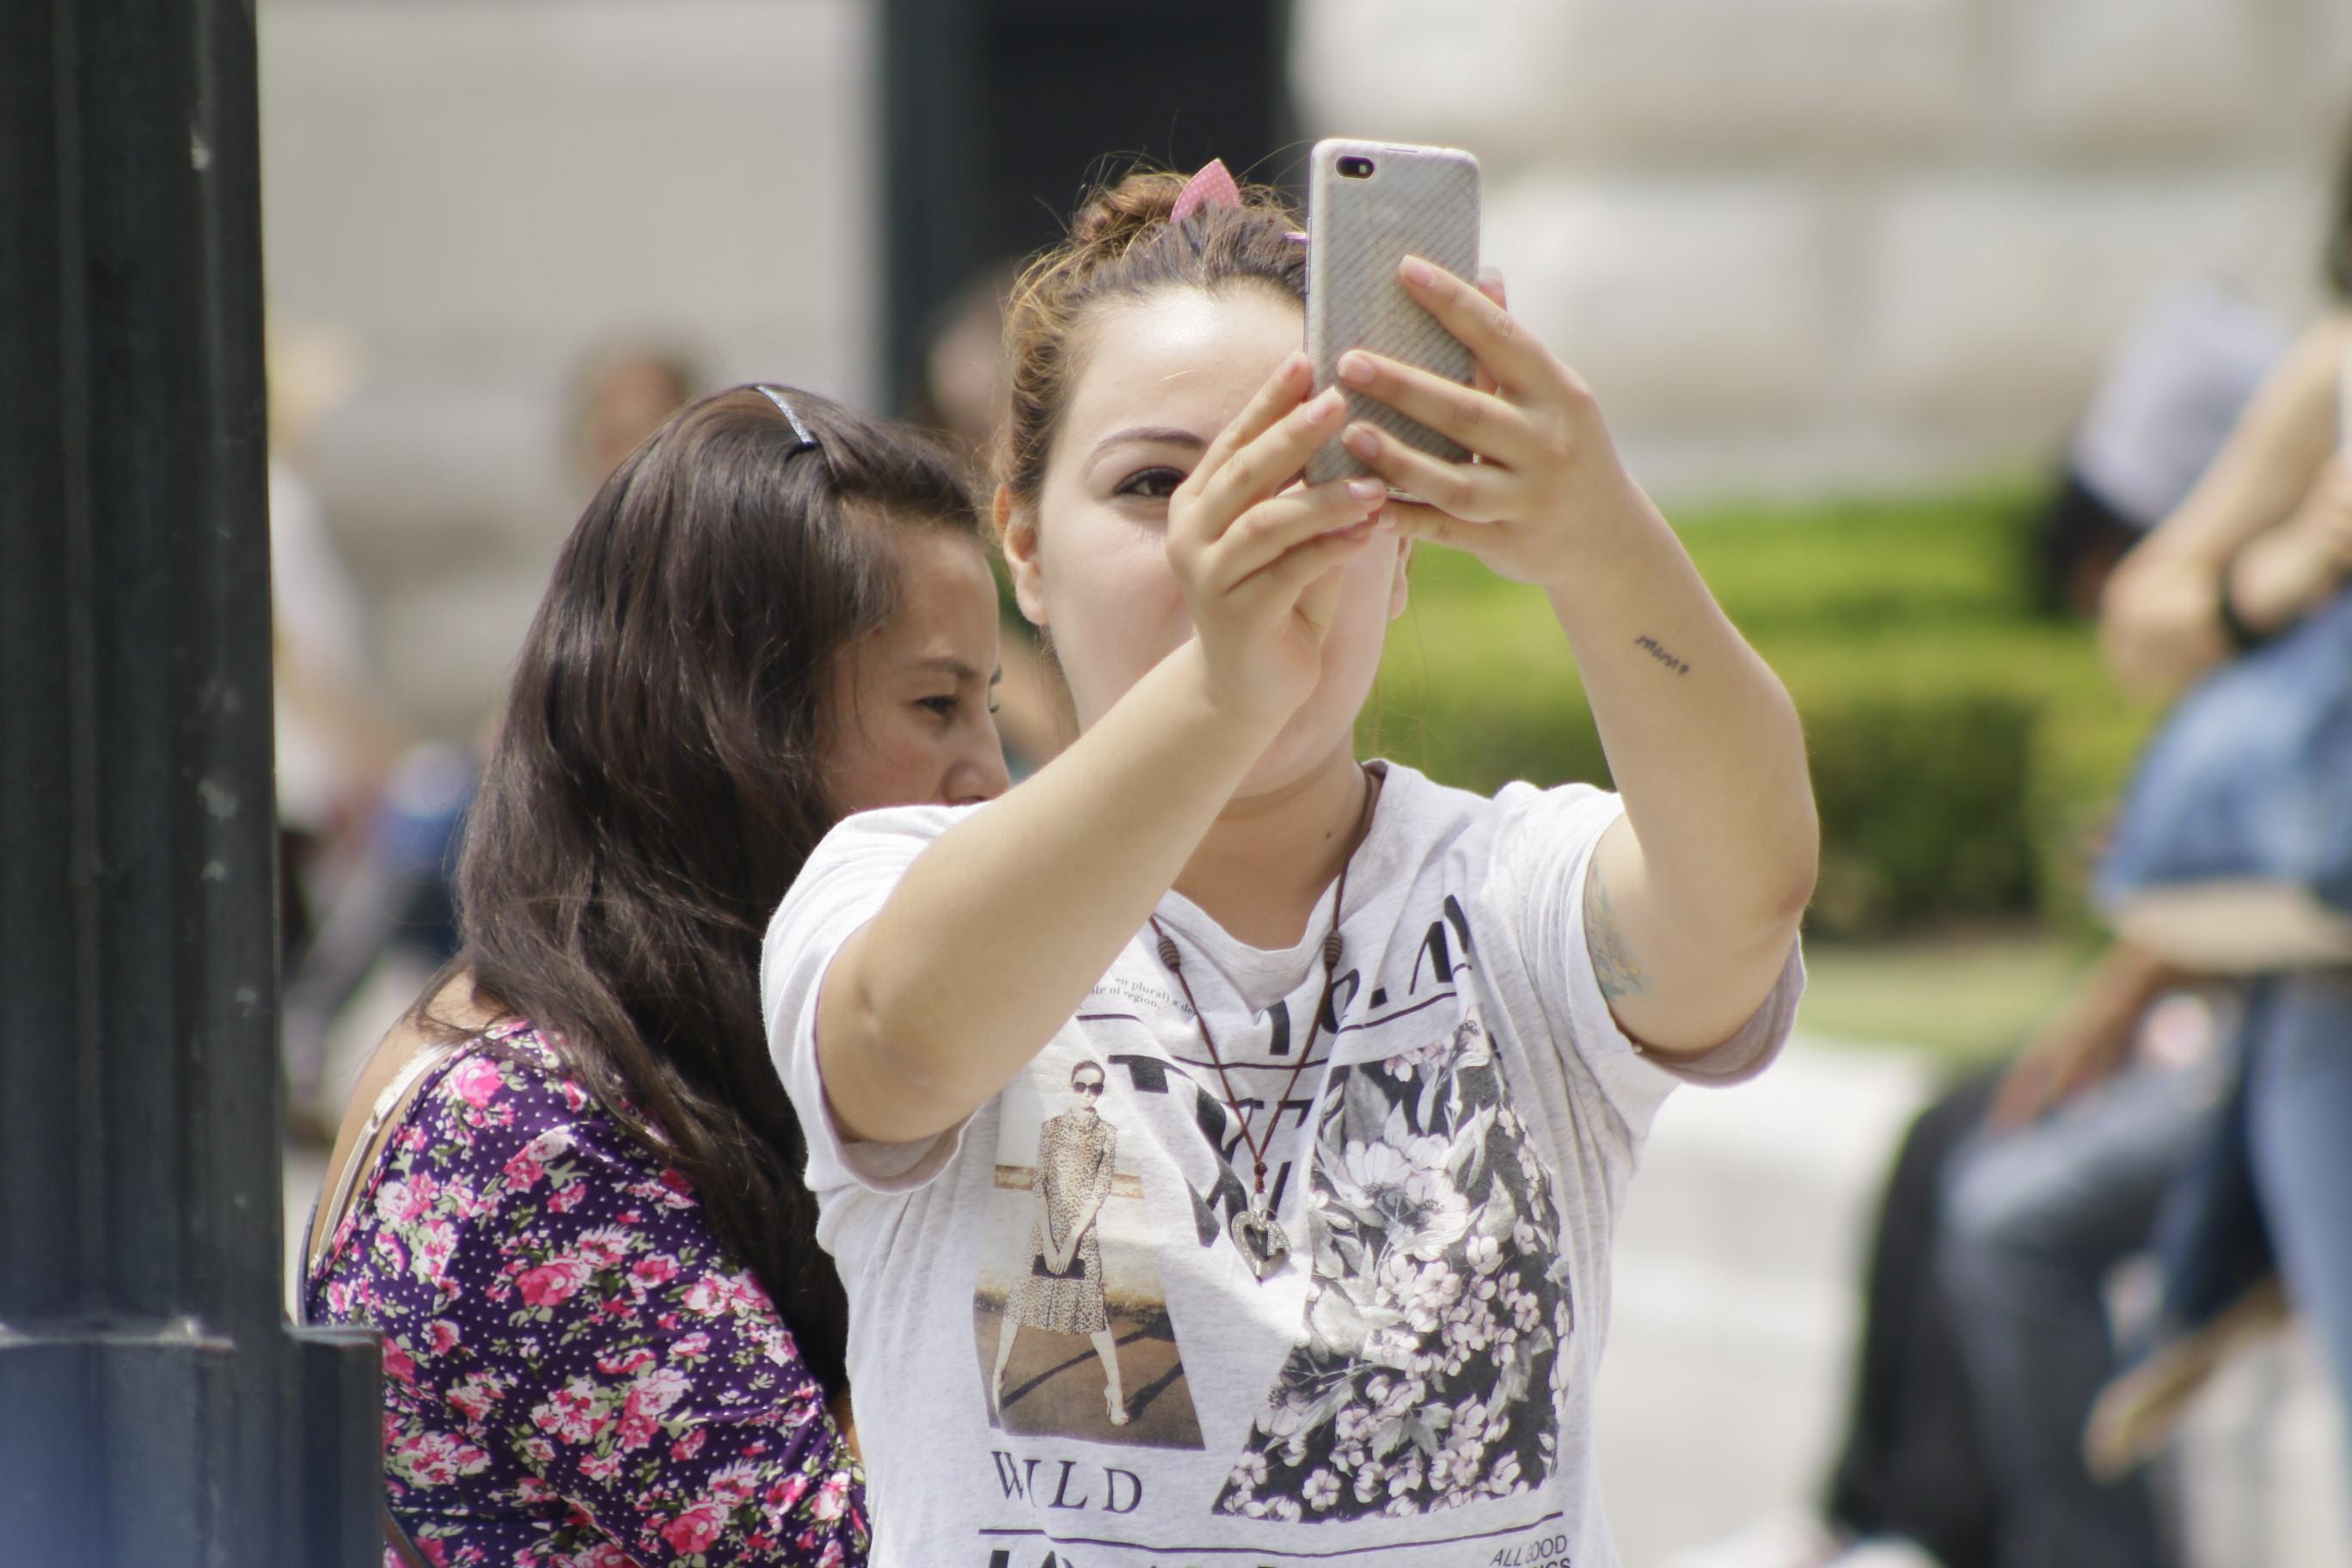 Mujer tomando una fotografía